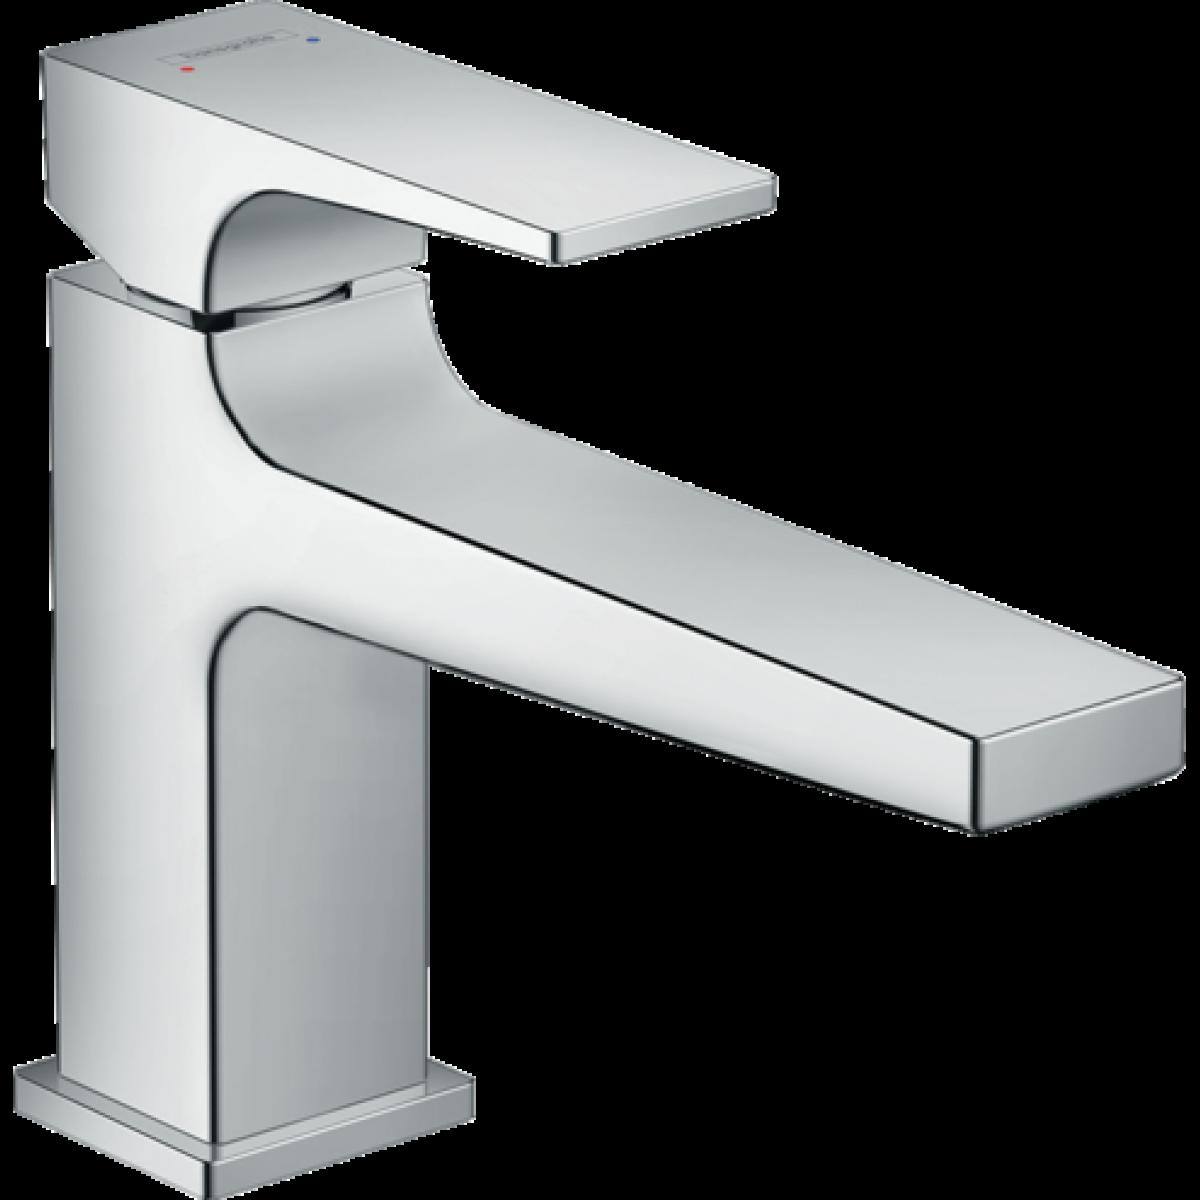 Hansgrohe Hansgrohe - Mitigeur de lavabo 100 Metropol poignée manette bec long bonde Push-Open finition chromé